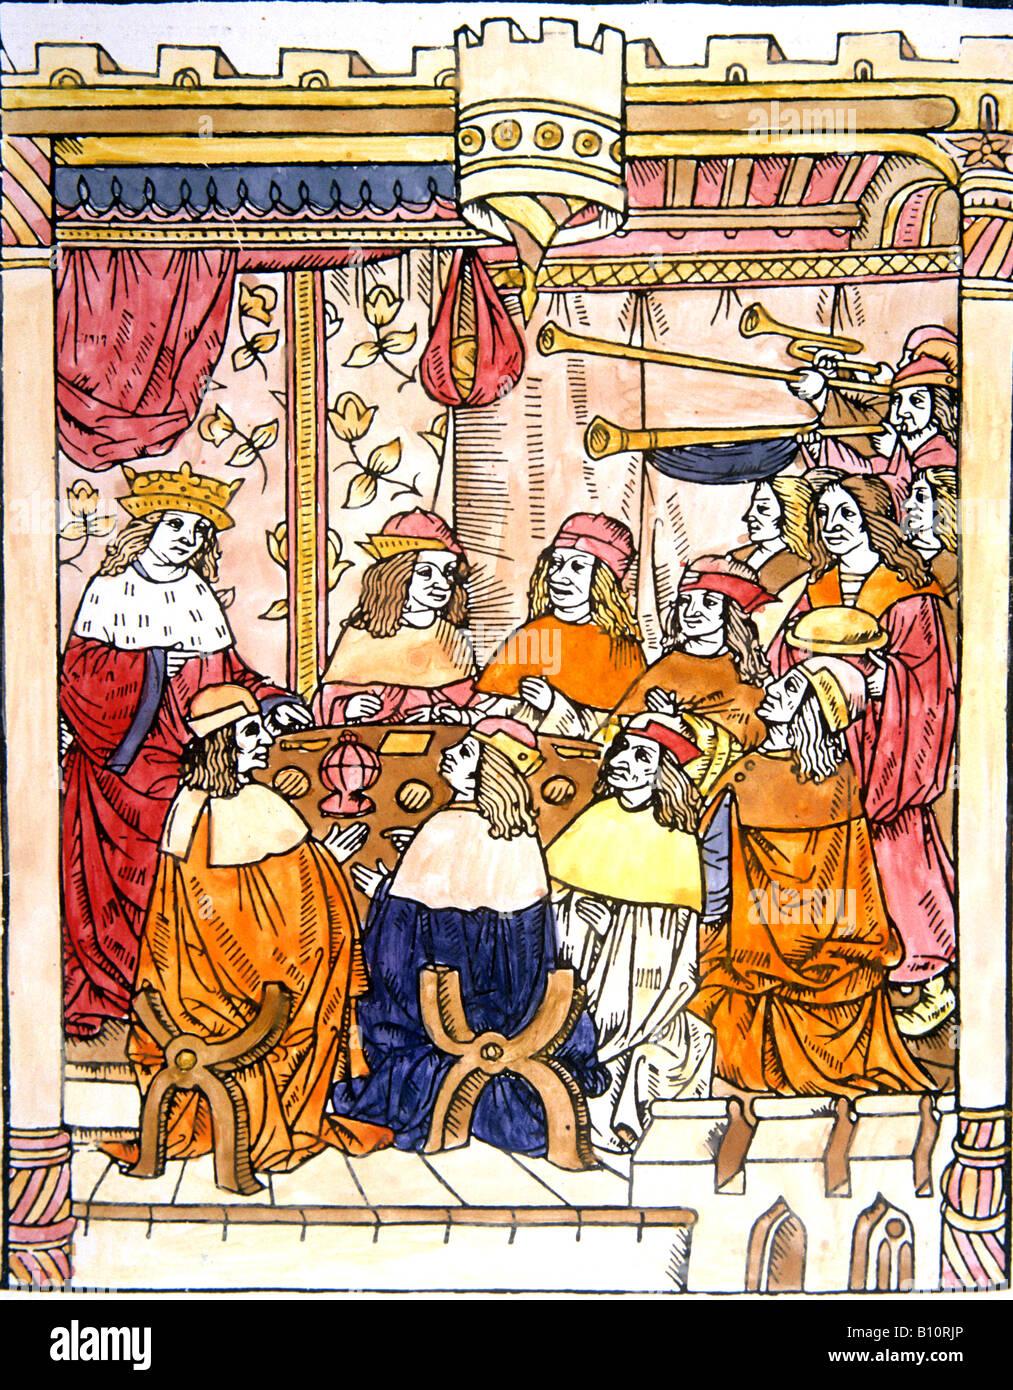 Le Roi Arthur et la Table ronde.1495 Dimensions Banque D'Images